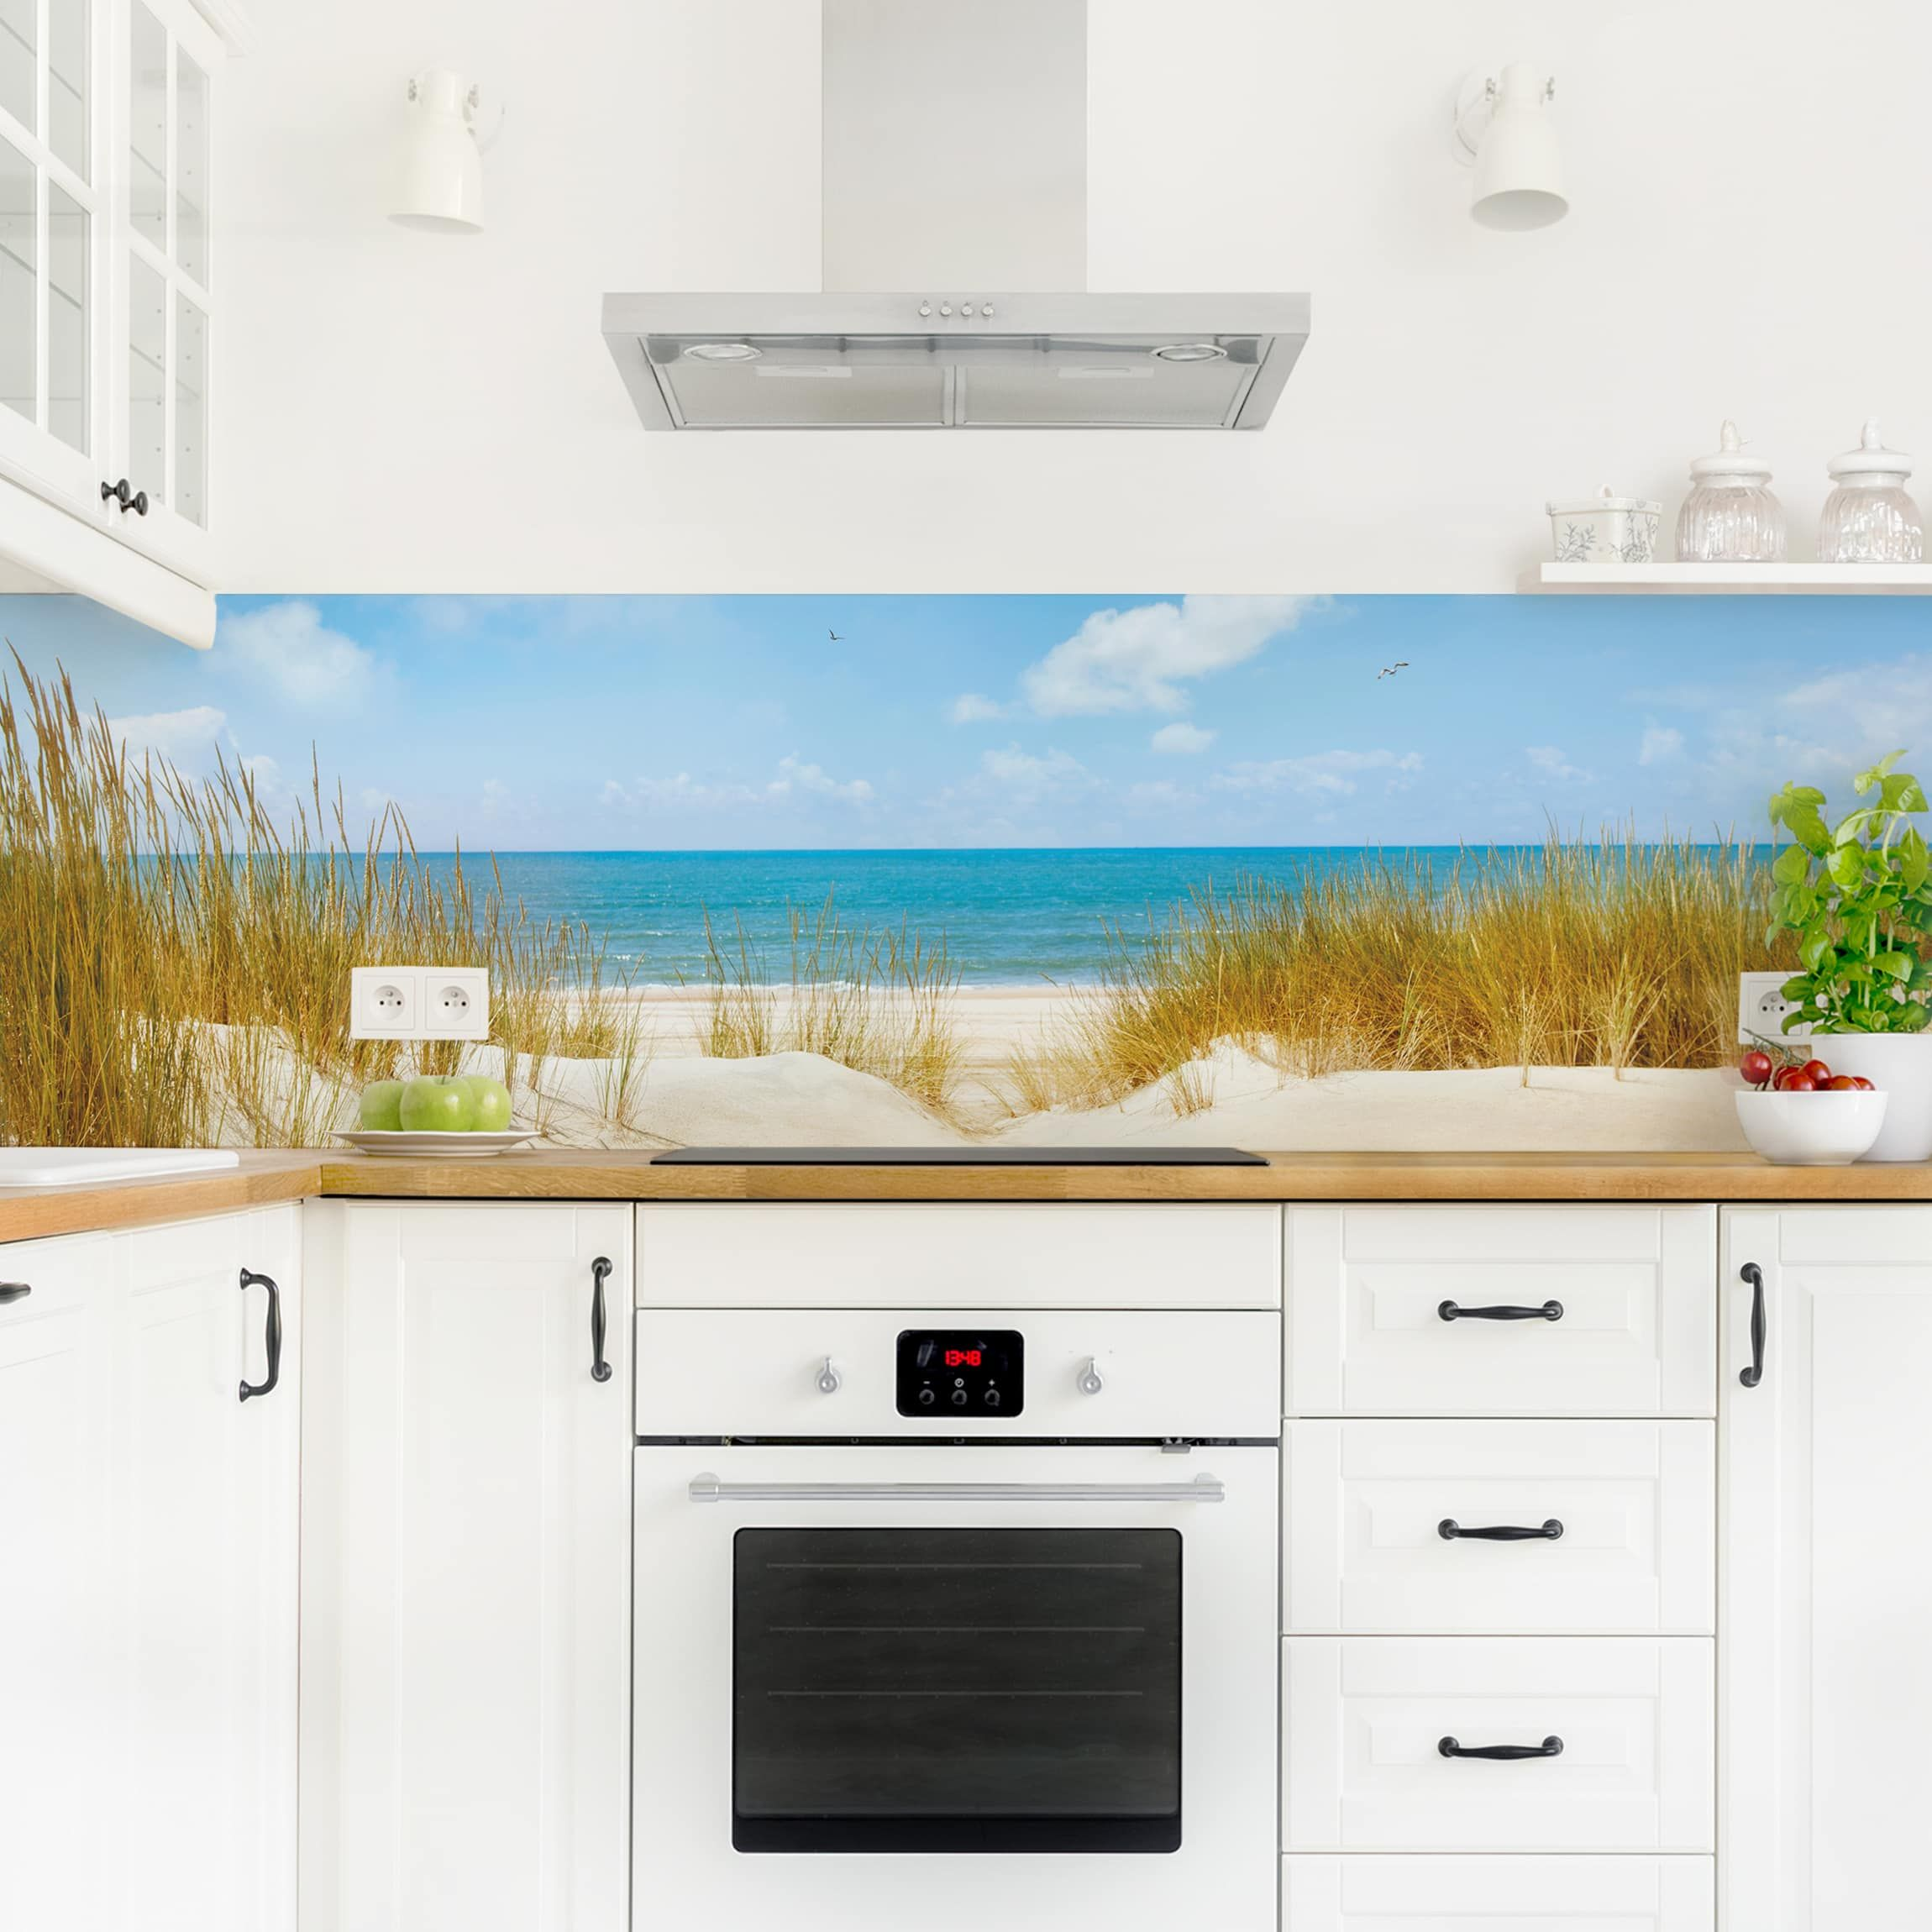 Full Size of Kchenrckwand Strand An Der Nordsee In 2020 Haus Interieurs Wohnzimmer Tapeten Ideen Bad Renovieren Wohnzimmer Küchenrückwand Ideen